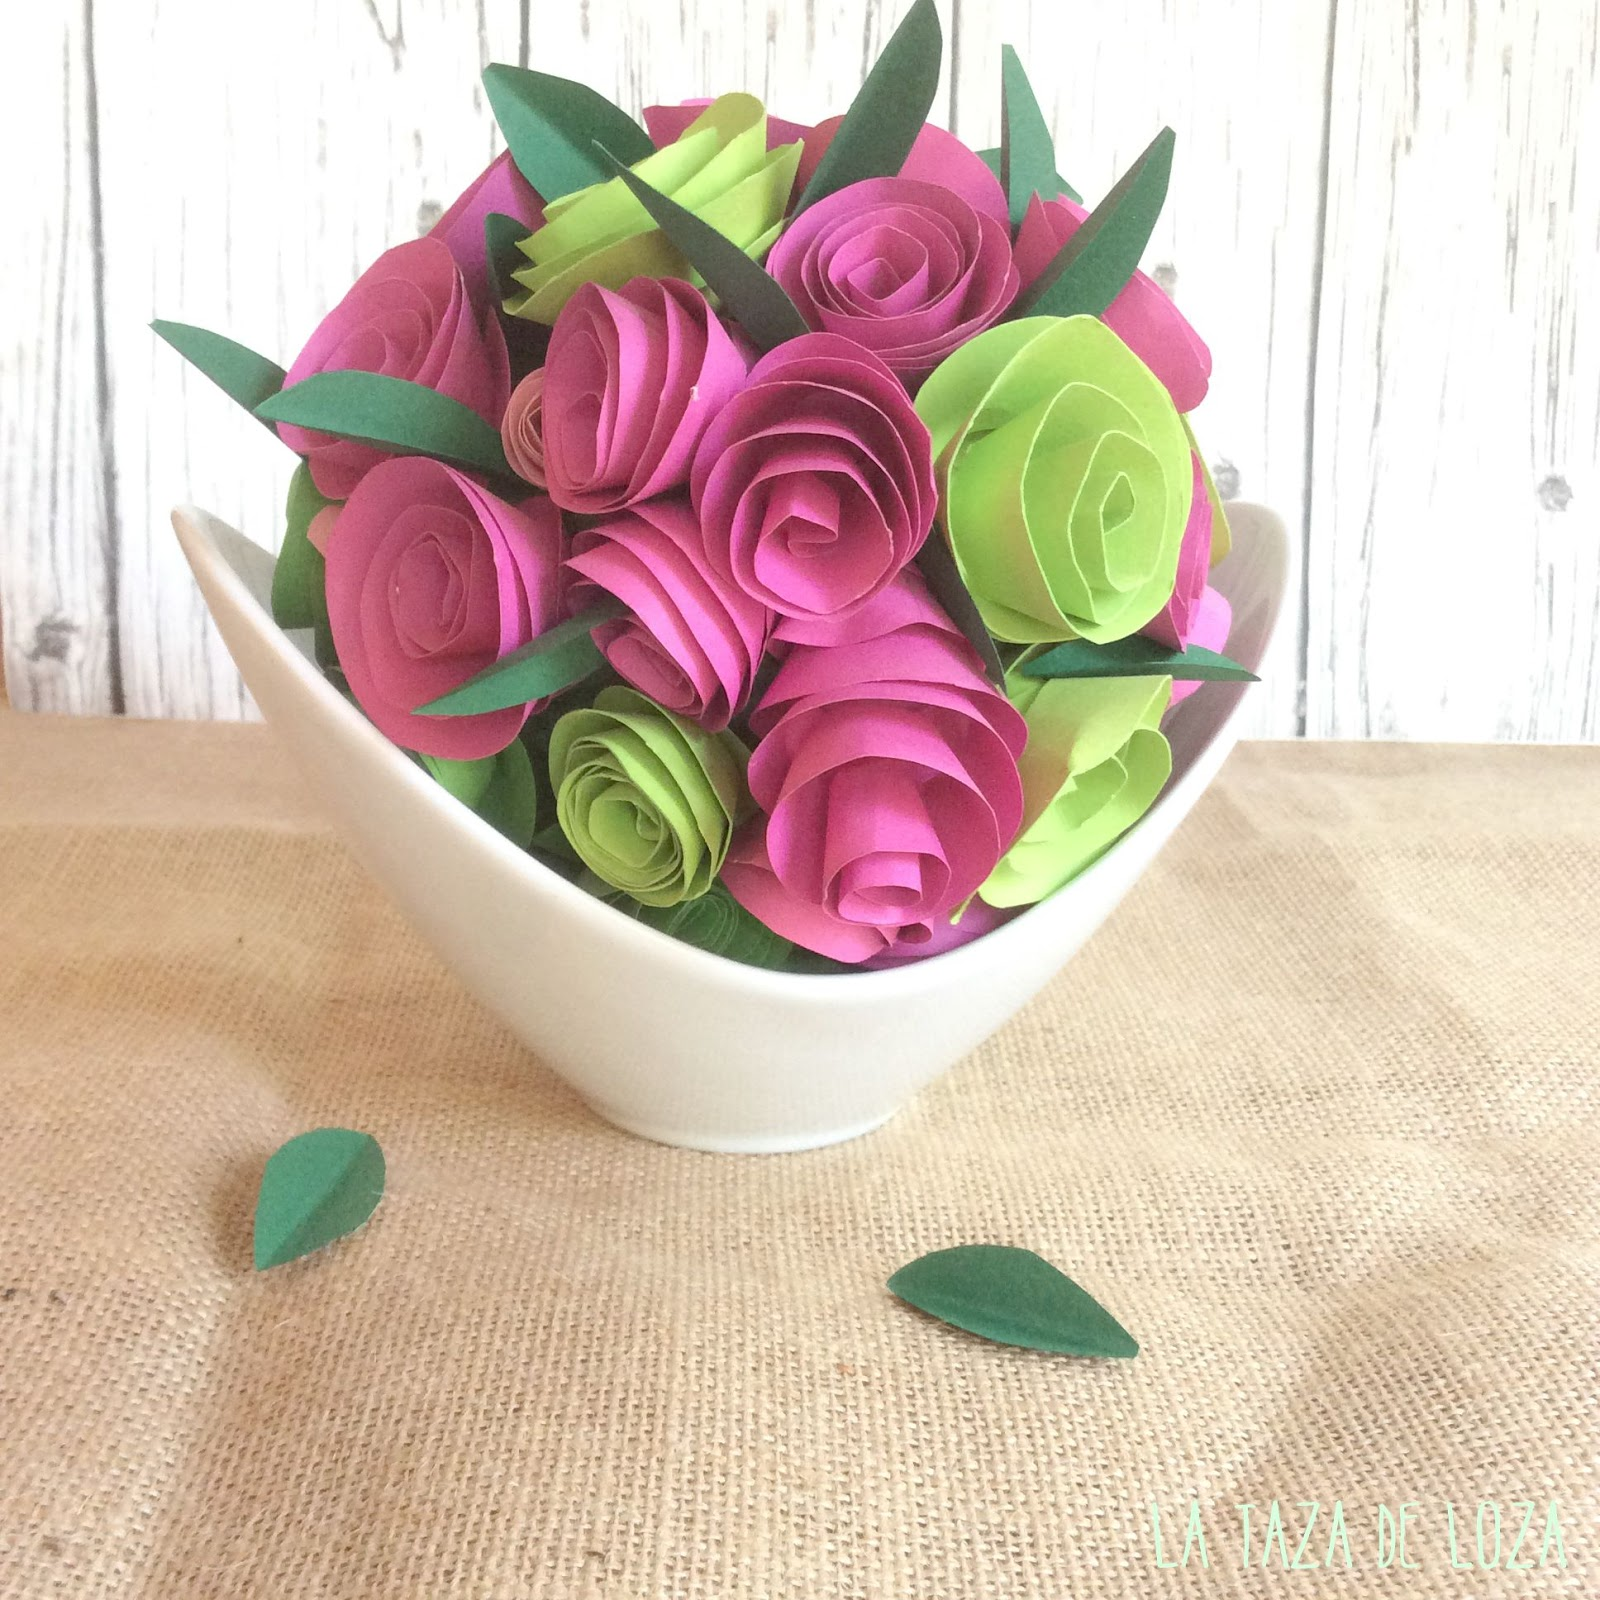 Centro de flores de papel la taza de loza for Rosas de papel